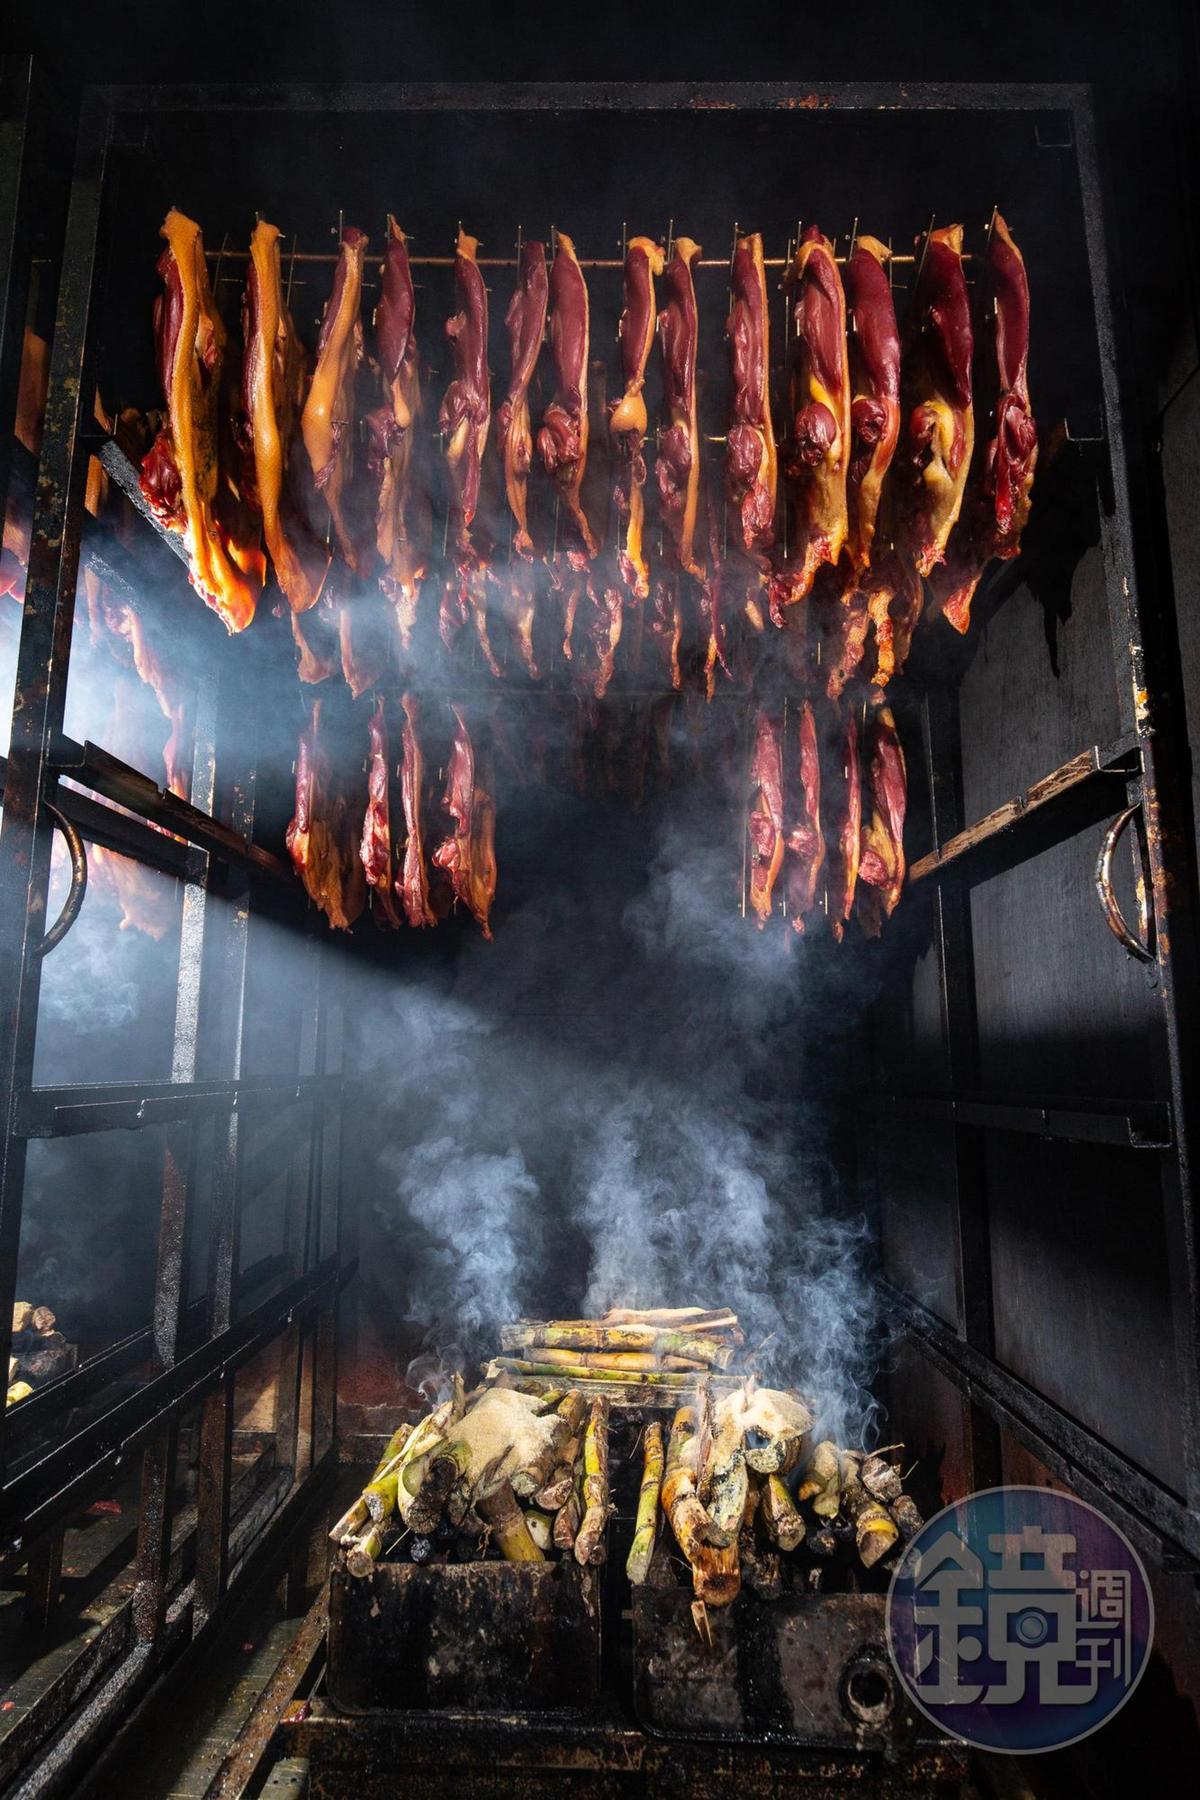 為了讓火候均勻,賴政宏統一選用3斤多重的櫻桃土番鴨,油脂和香氣兼具。